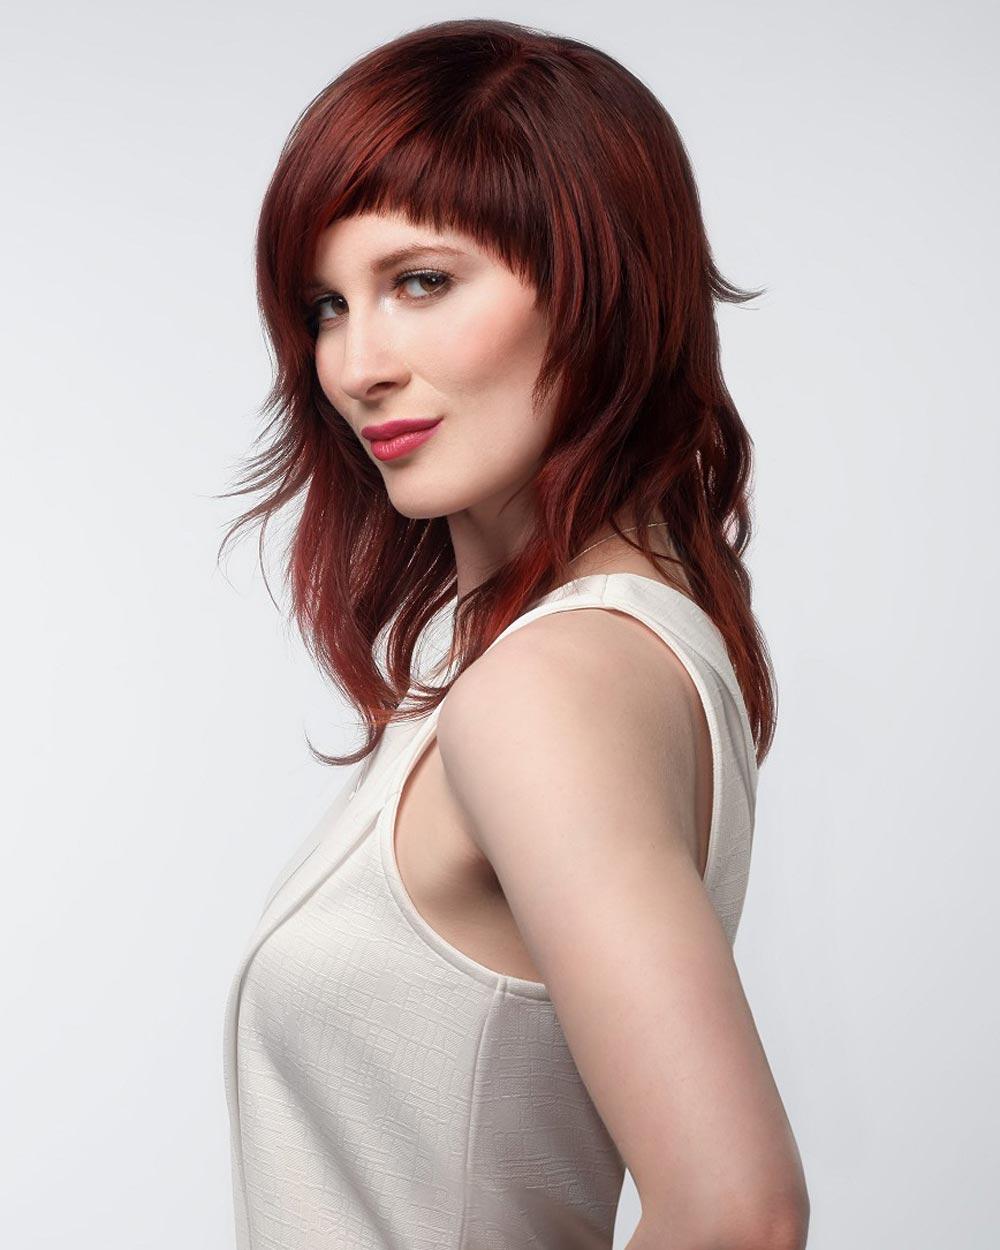 Sestříhané dlouhé vlasy v kombinaci s barvou roku 2015 Marsala aplikovanou na střih vlasů jsou rozhodně úžasné! (Team Sam Villa, léto 2015)